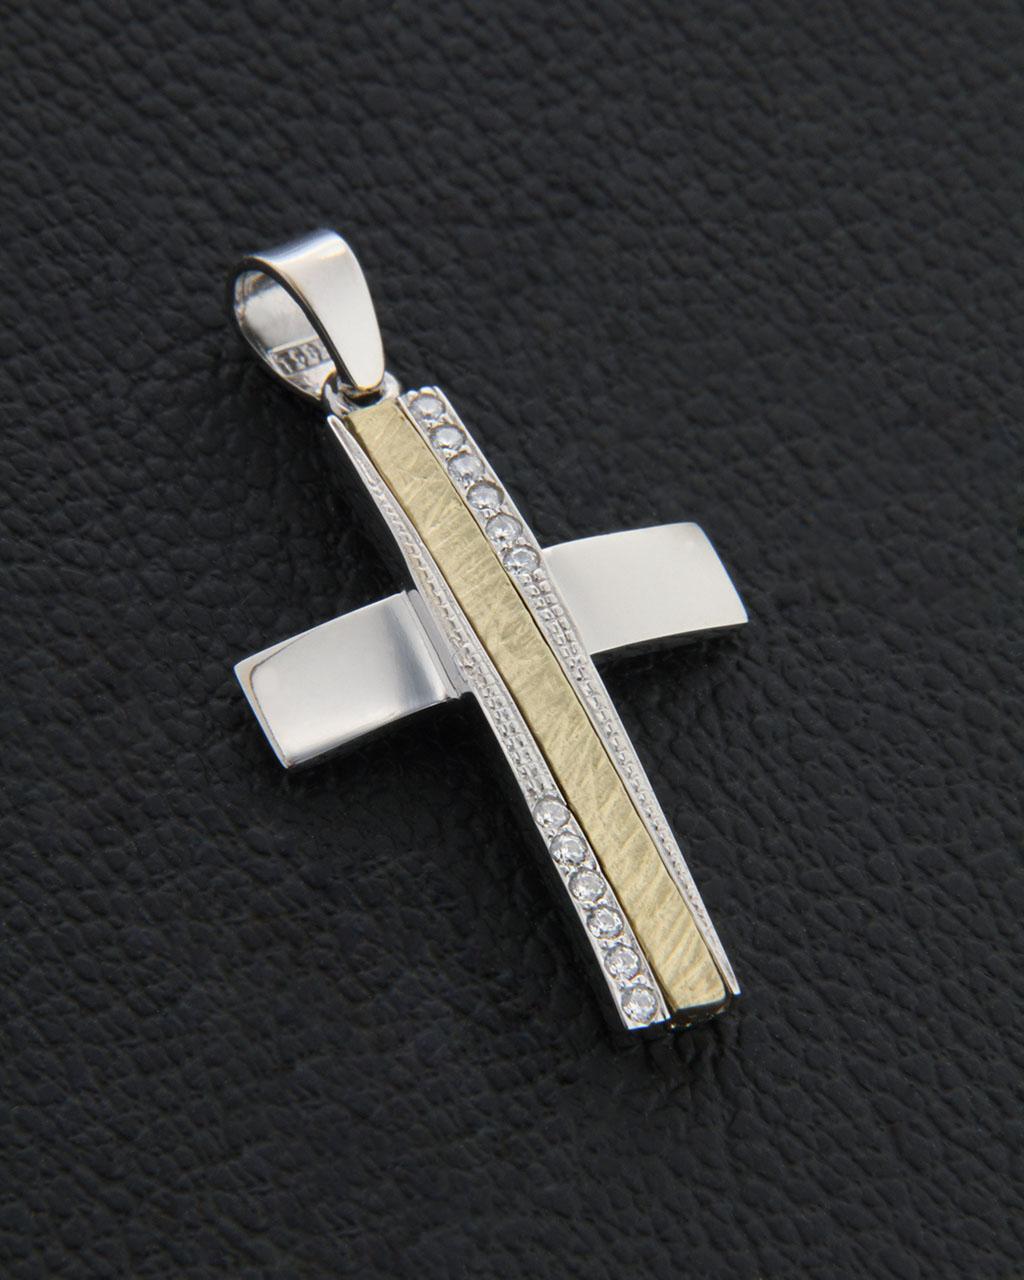 Σταυρός βαπτιστικός χρυσός & λευκόχρυσος Κ14 με Ζιργκόν   παιδι βαπτιστικοί σταυροί βαπτιστικοί σταυροί για αγόρι